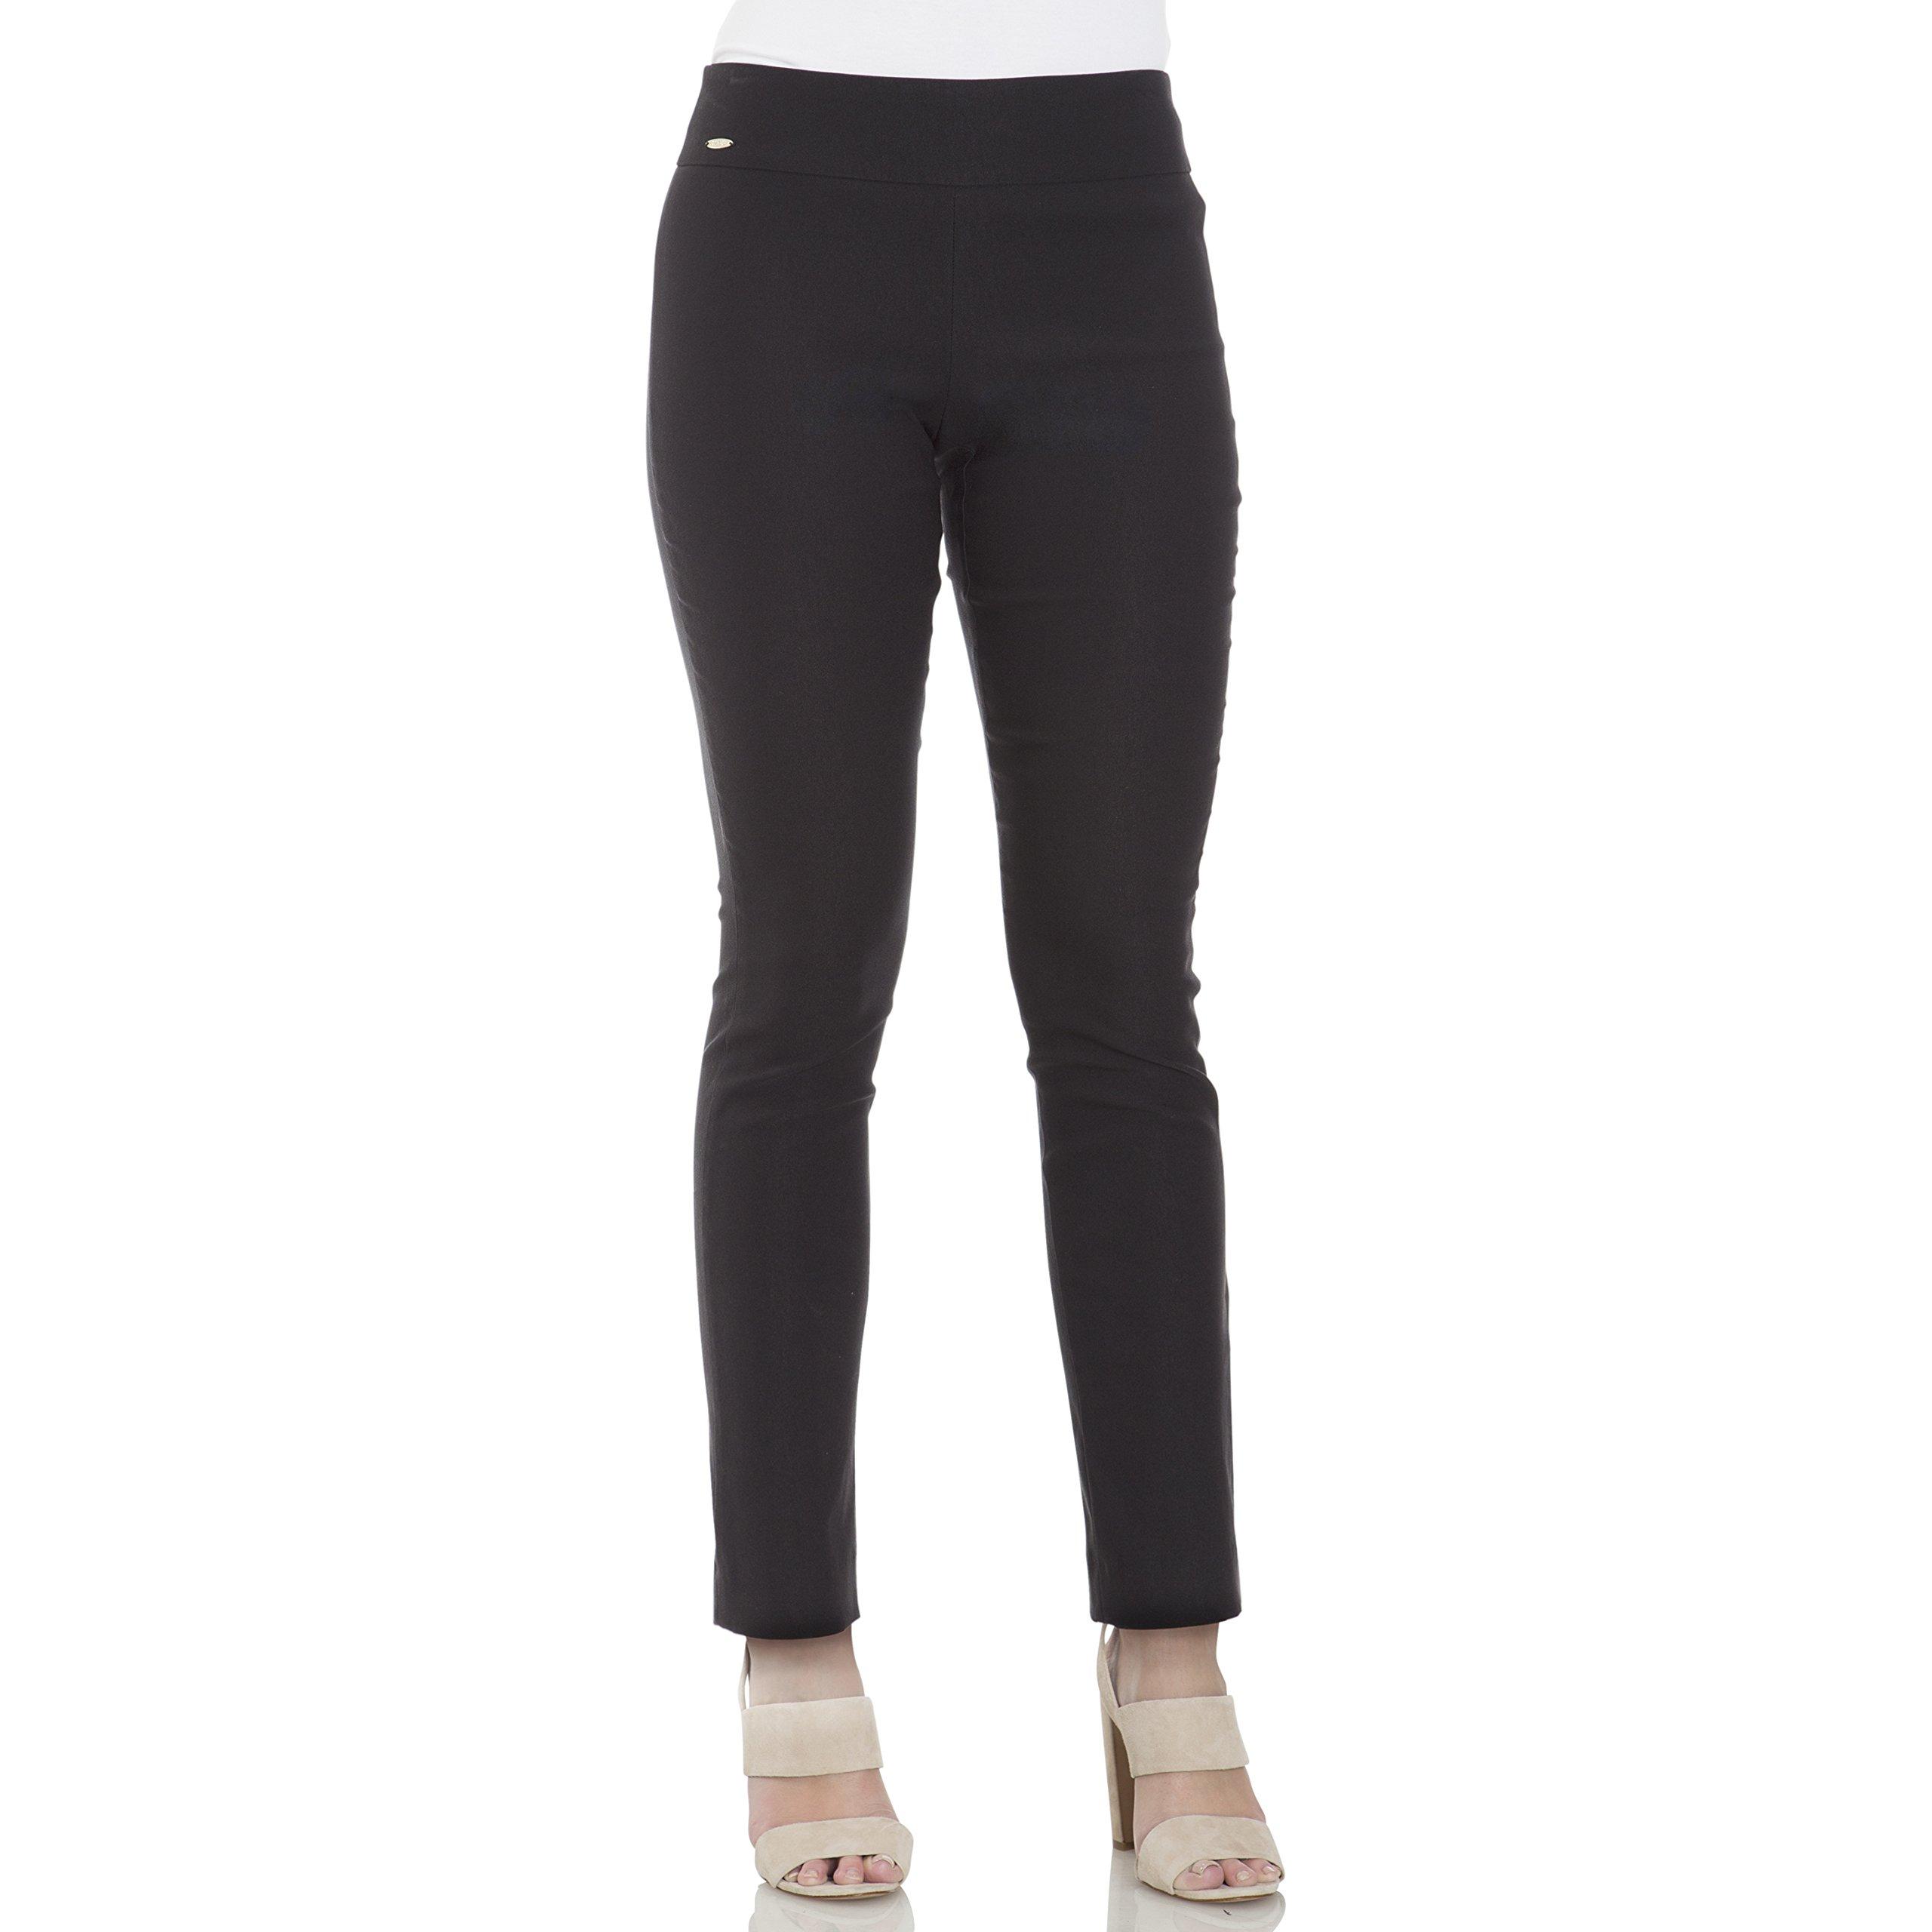 IZOD Women's Slim Fit Pull on Crop Pant, Caviar, 10